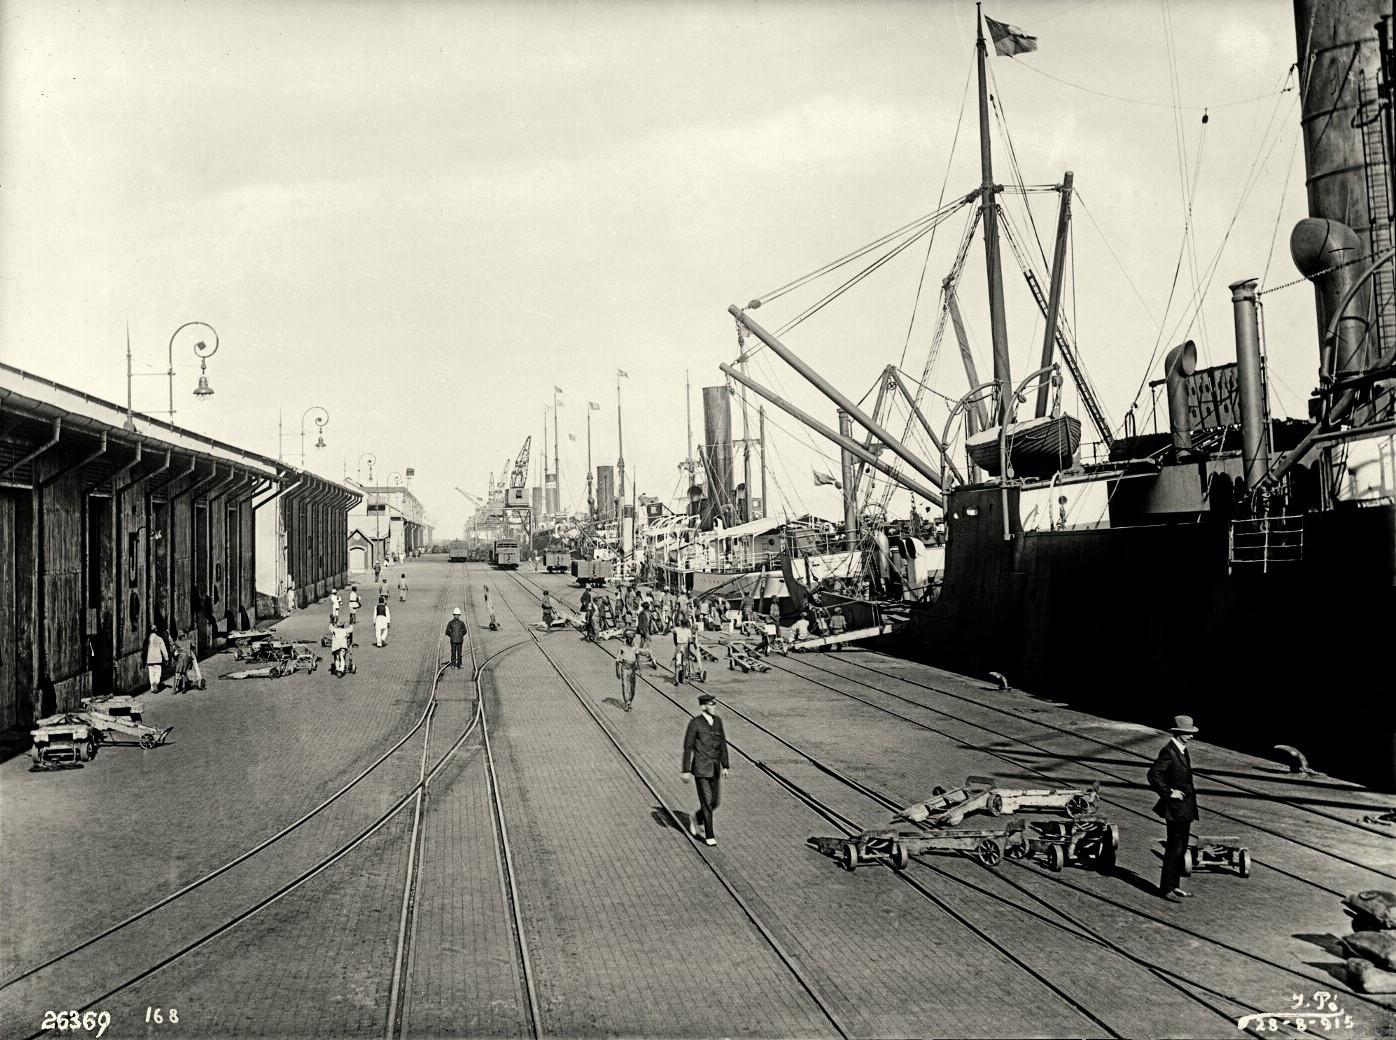 Пирс Горжан в портру Лоренсу-Маркиш, днем 28 августа 1915 года, в субботу, в разгар Первой мировой войны. Историческое фото